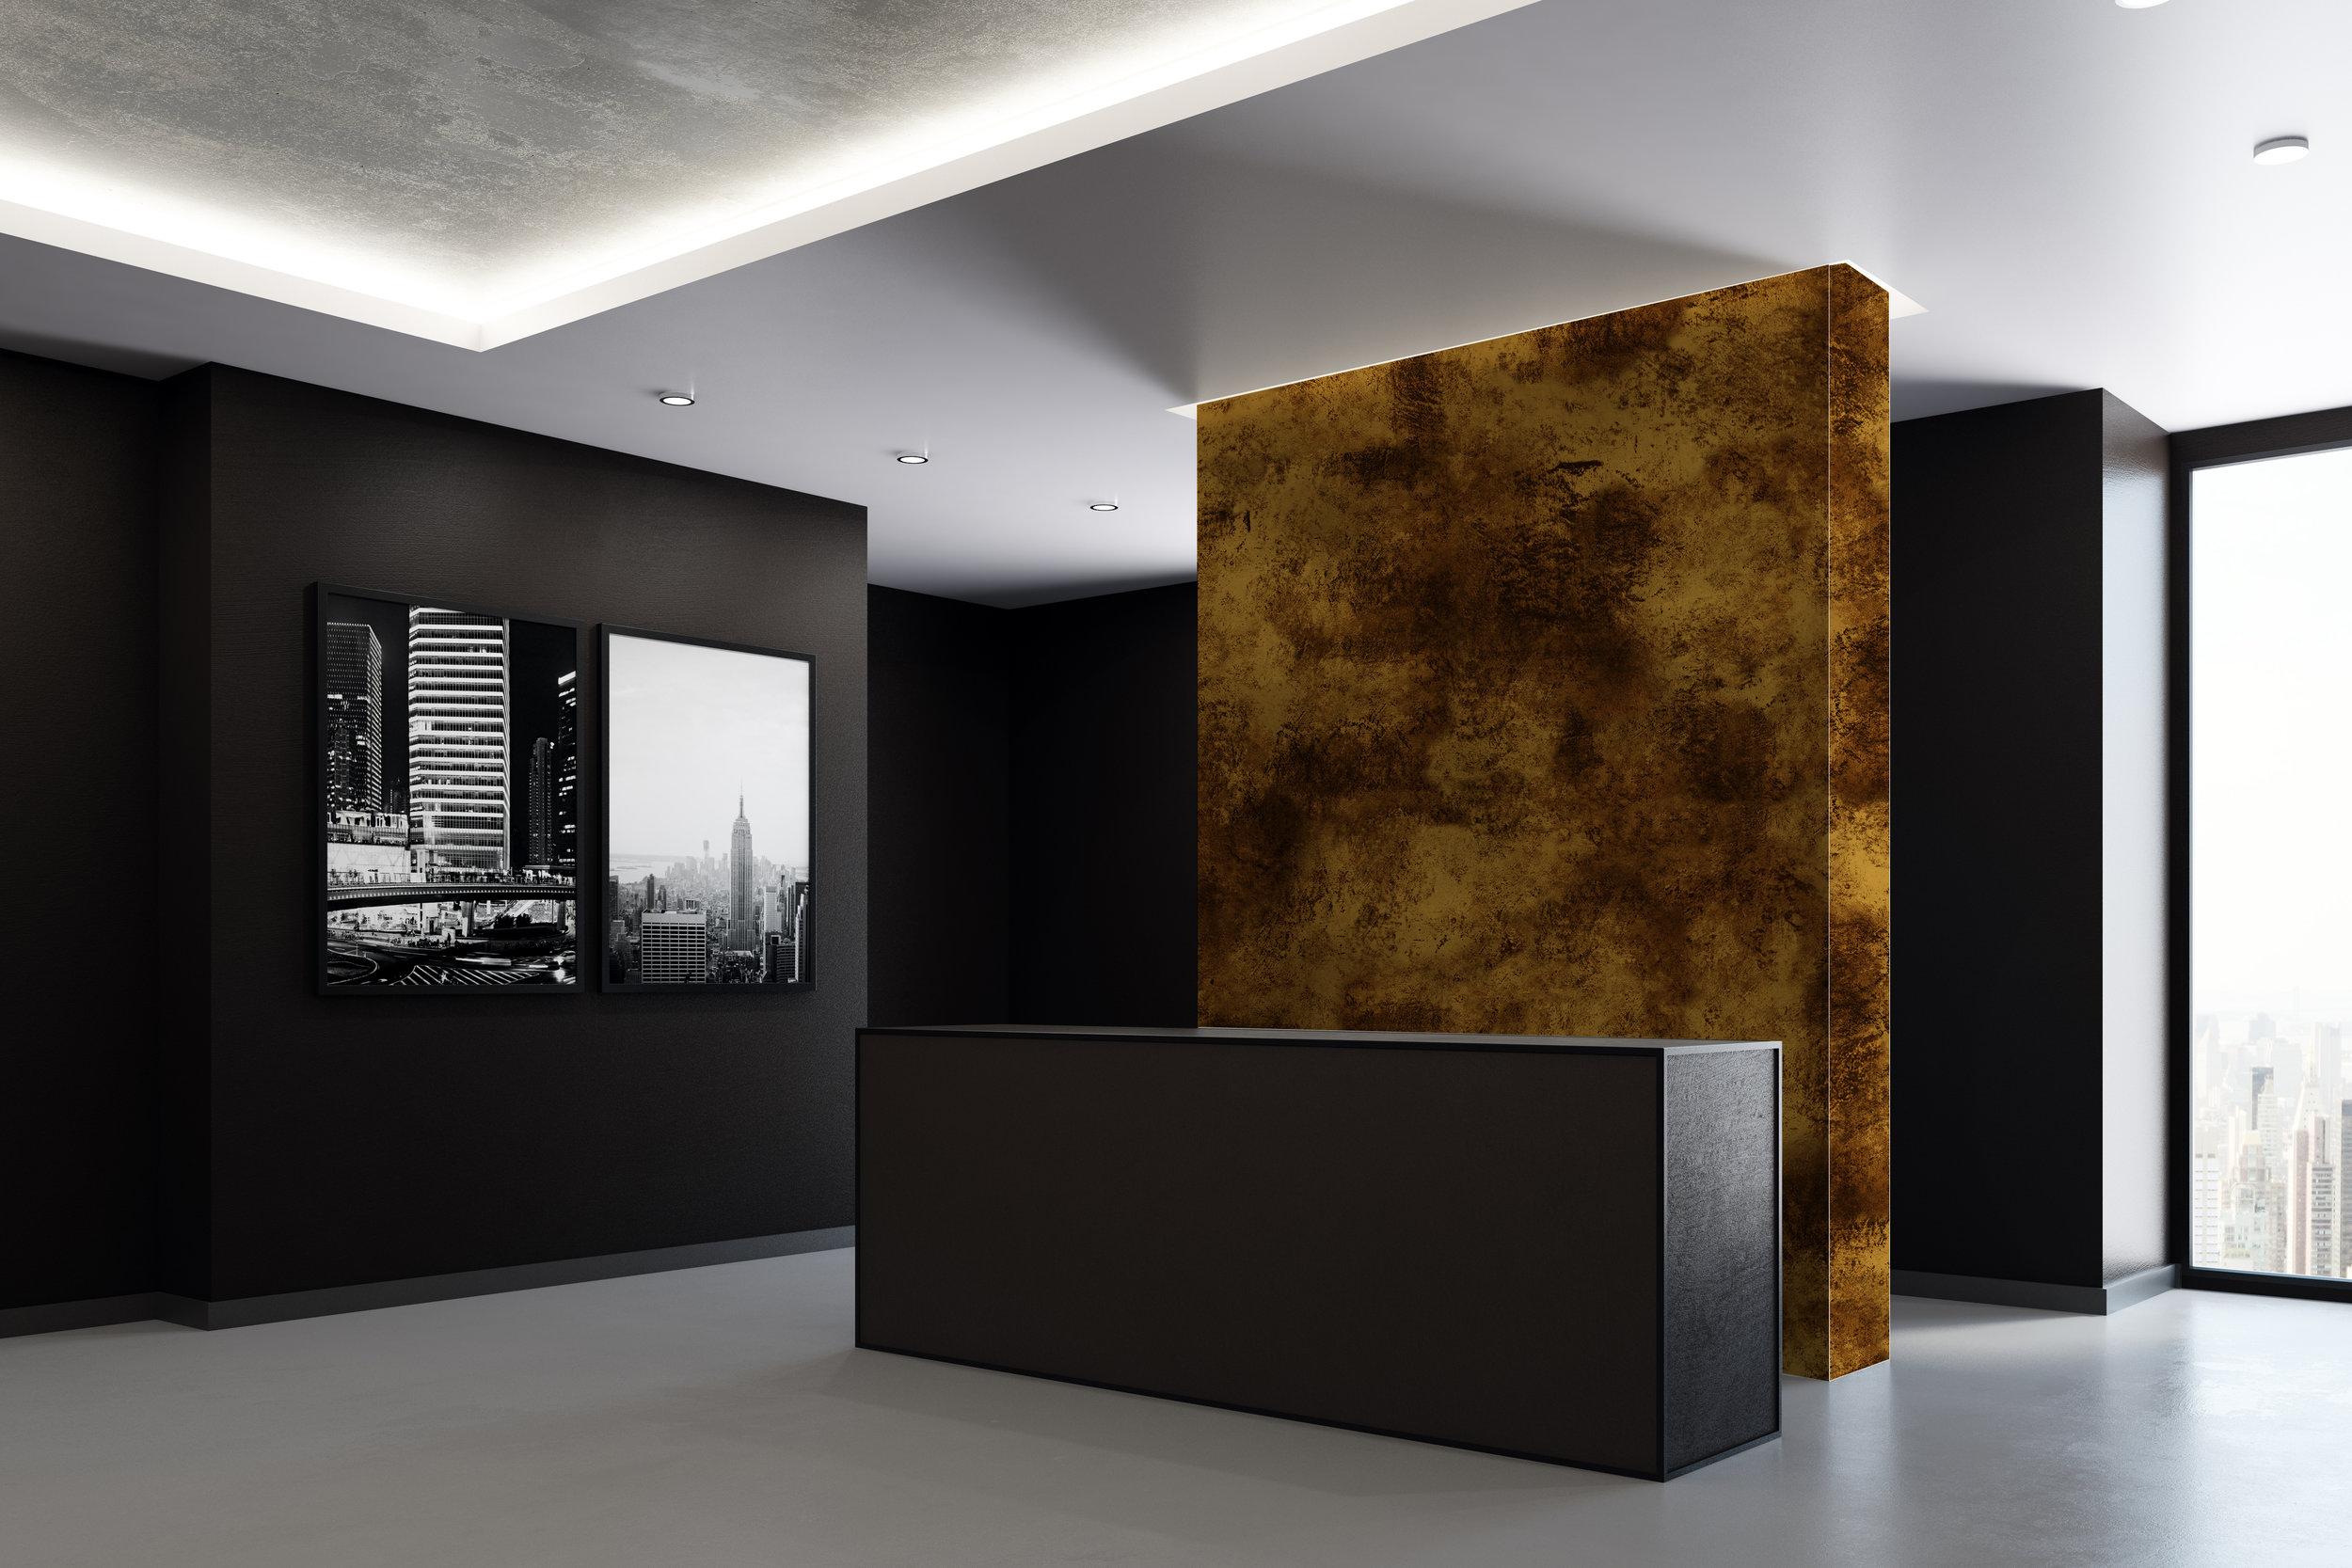 wallpaper_umbria.jpg